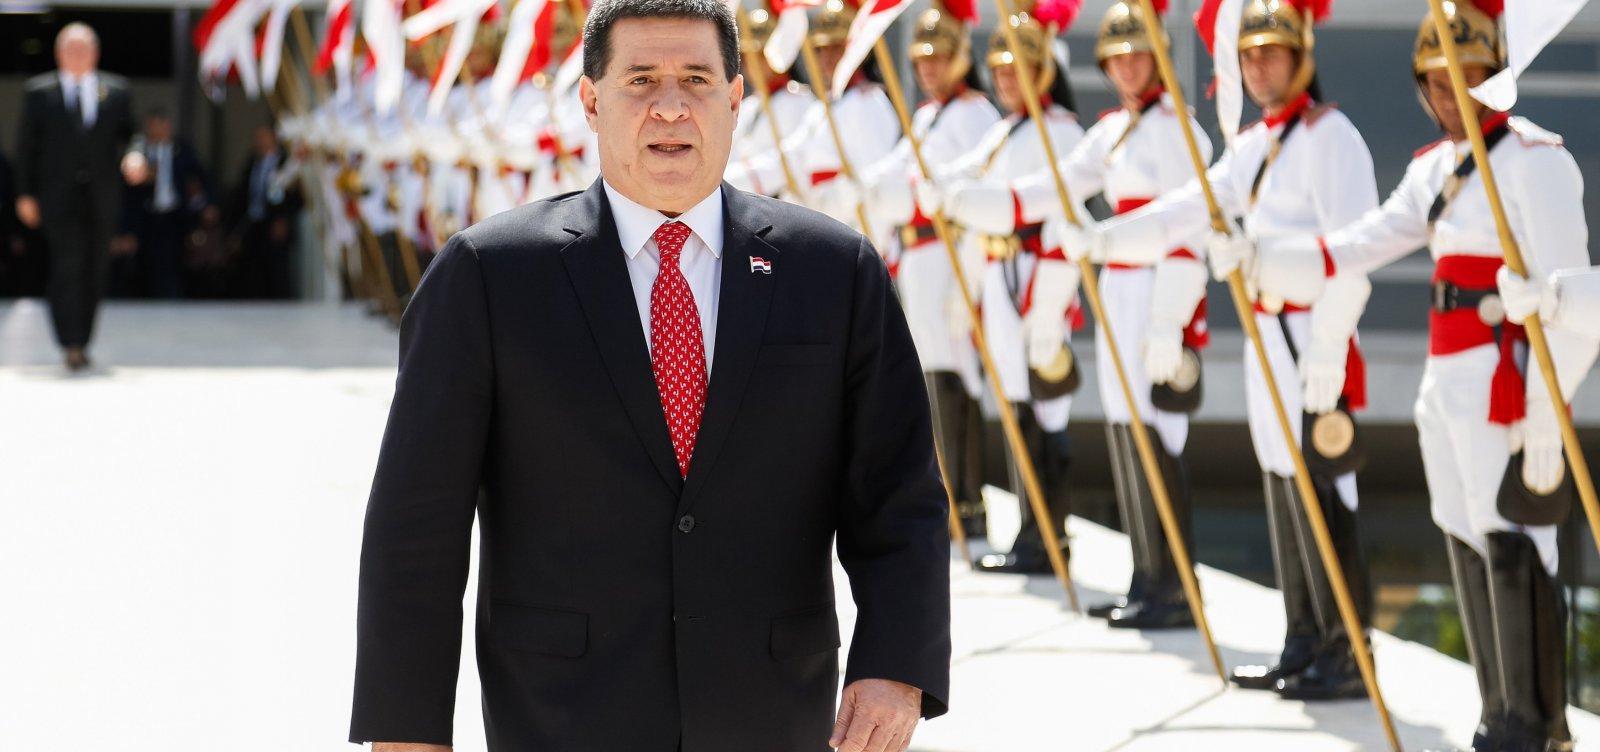 [Ex-presidente do Paraguai Horacio Cartes é alvo de mandado de prisão]